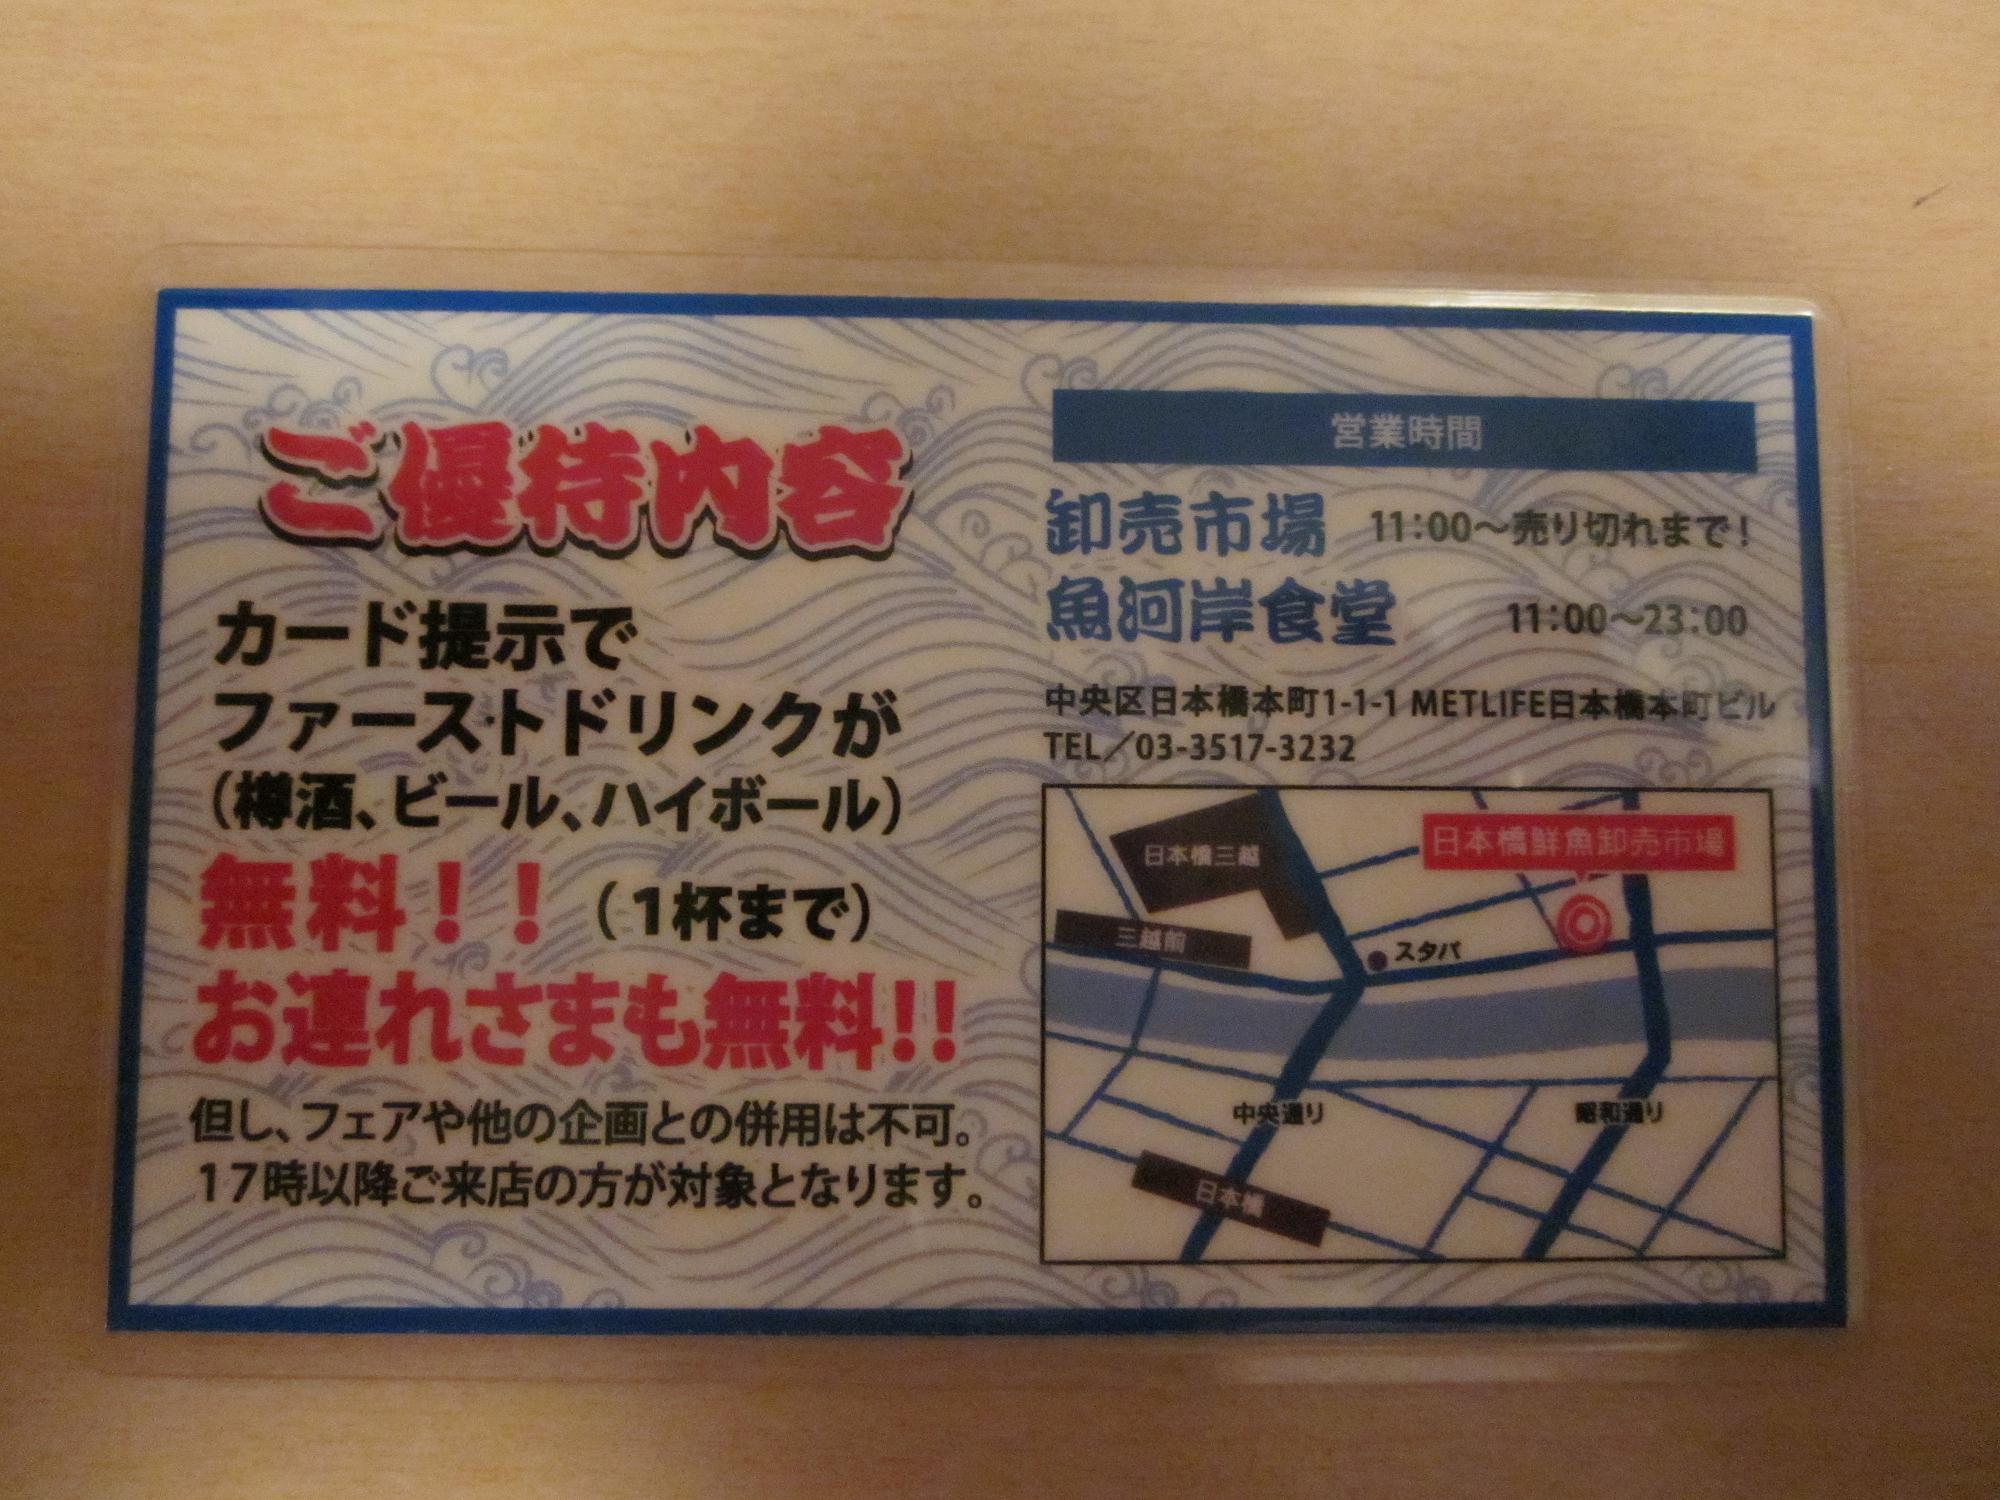 日本橋鮮魚卸売市場優待券2